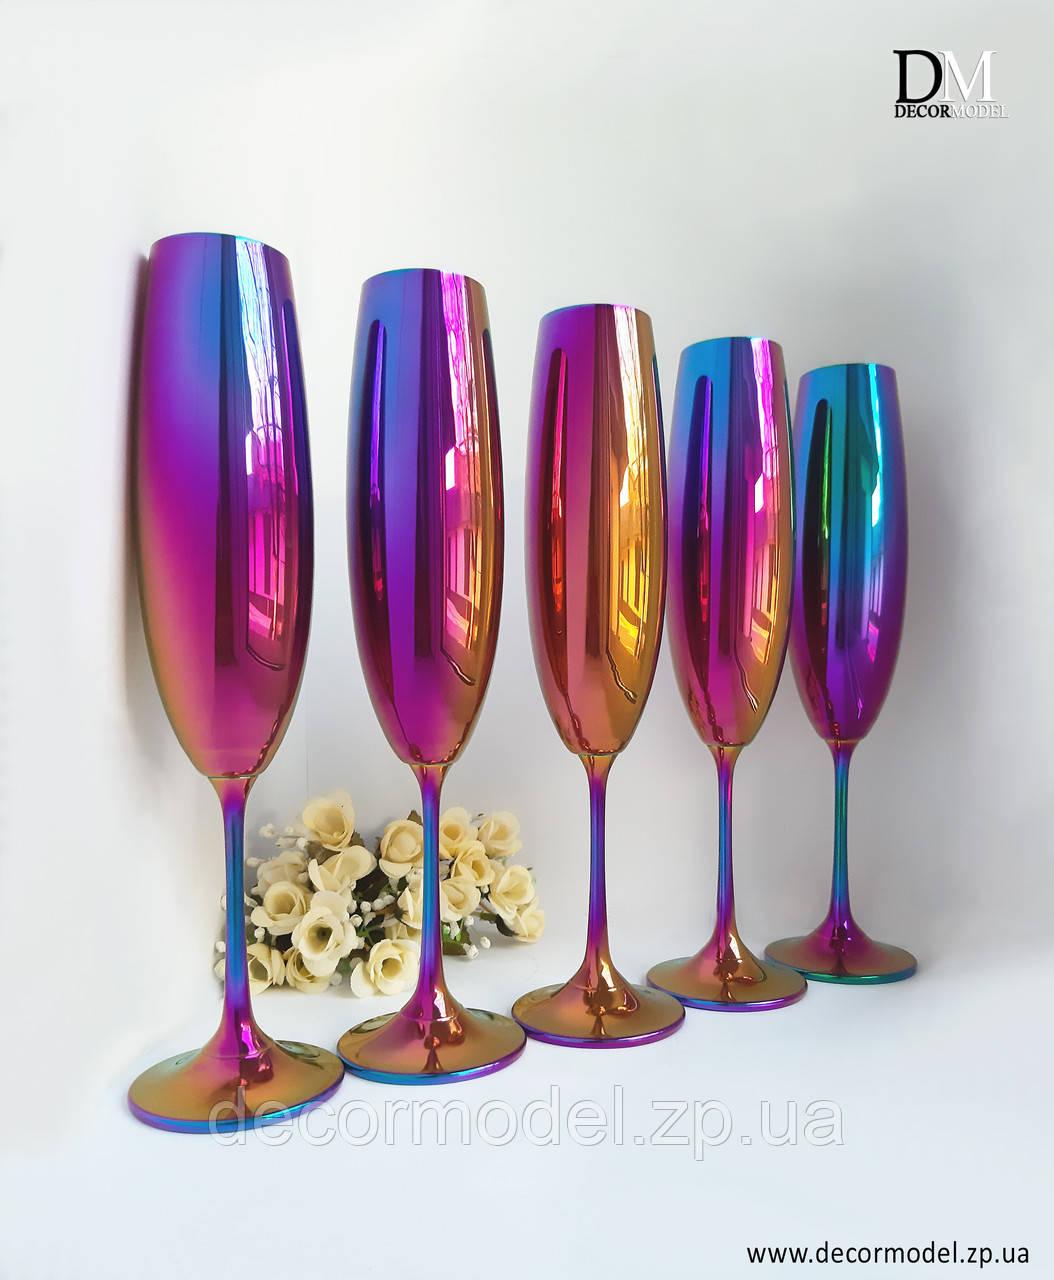 Набор бокалов для шампанского Bohemia Milvus 250 мл. (цвет: РАДУГА, сияние)